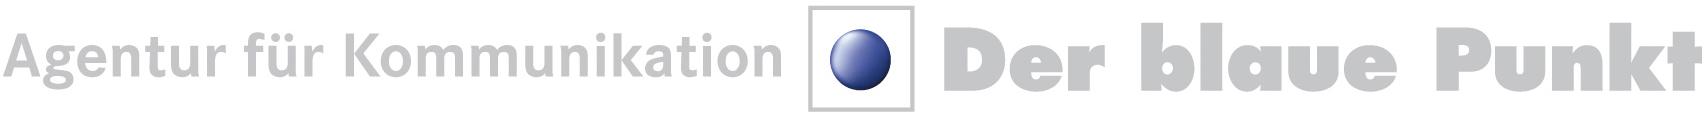 Logo Der blaue Punkt, Agentur für Kommunikation